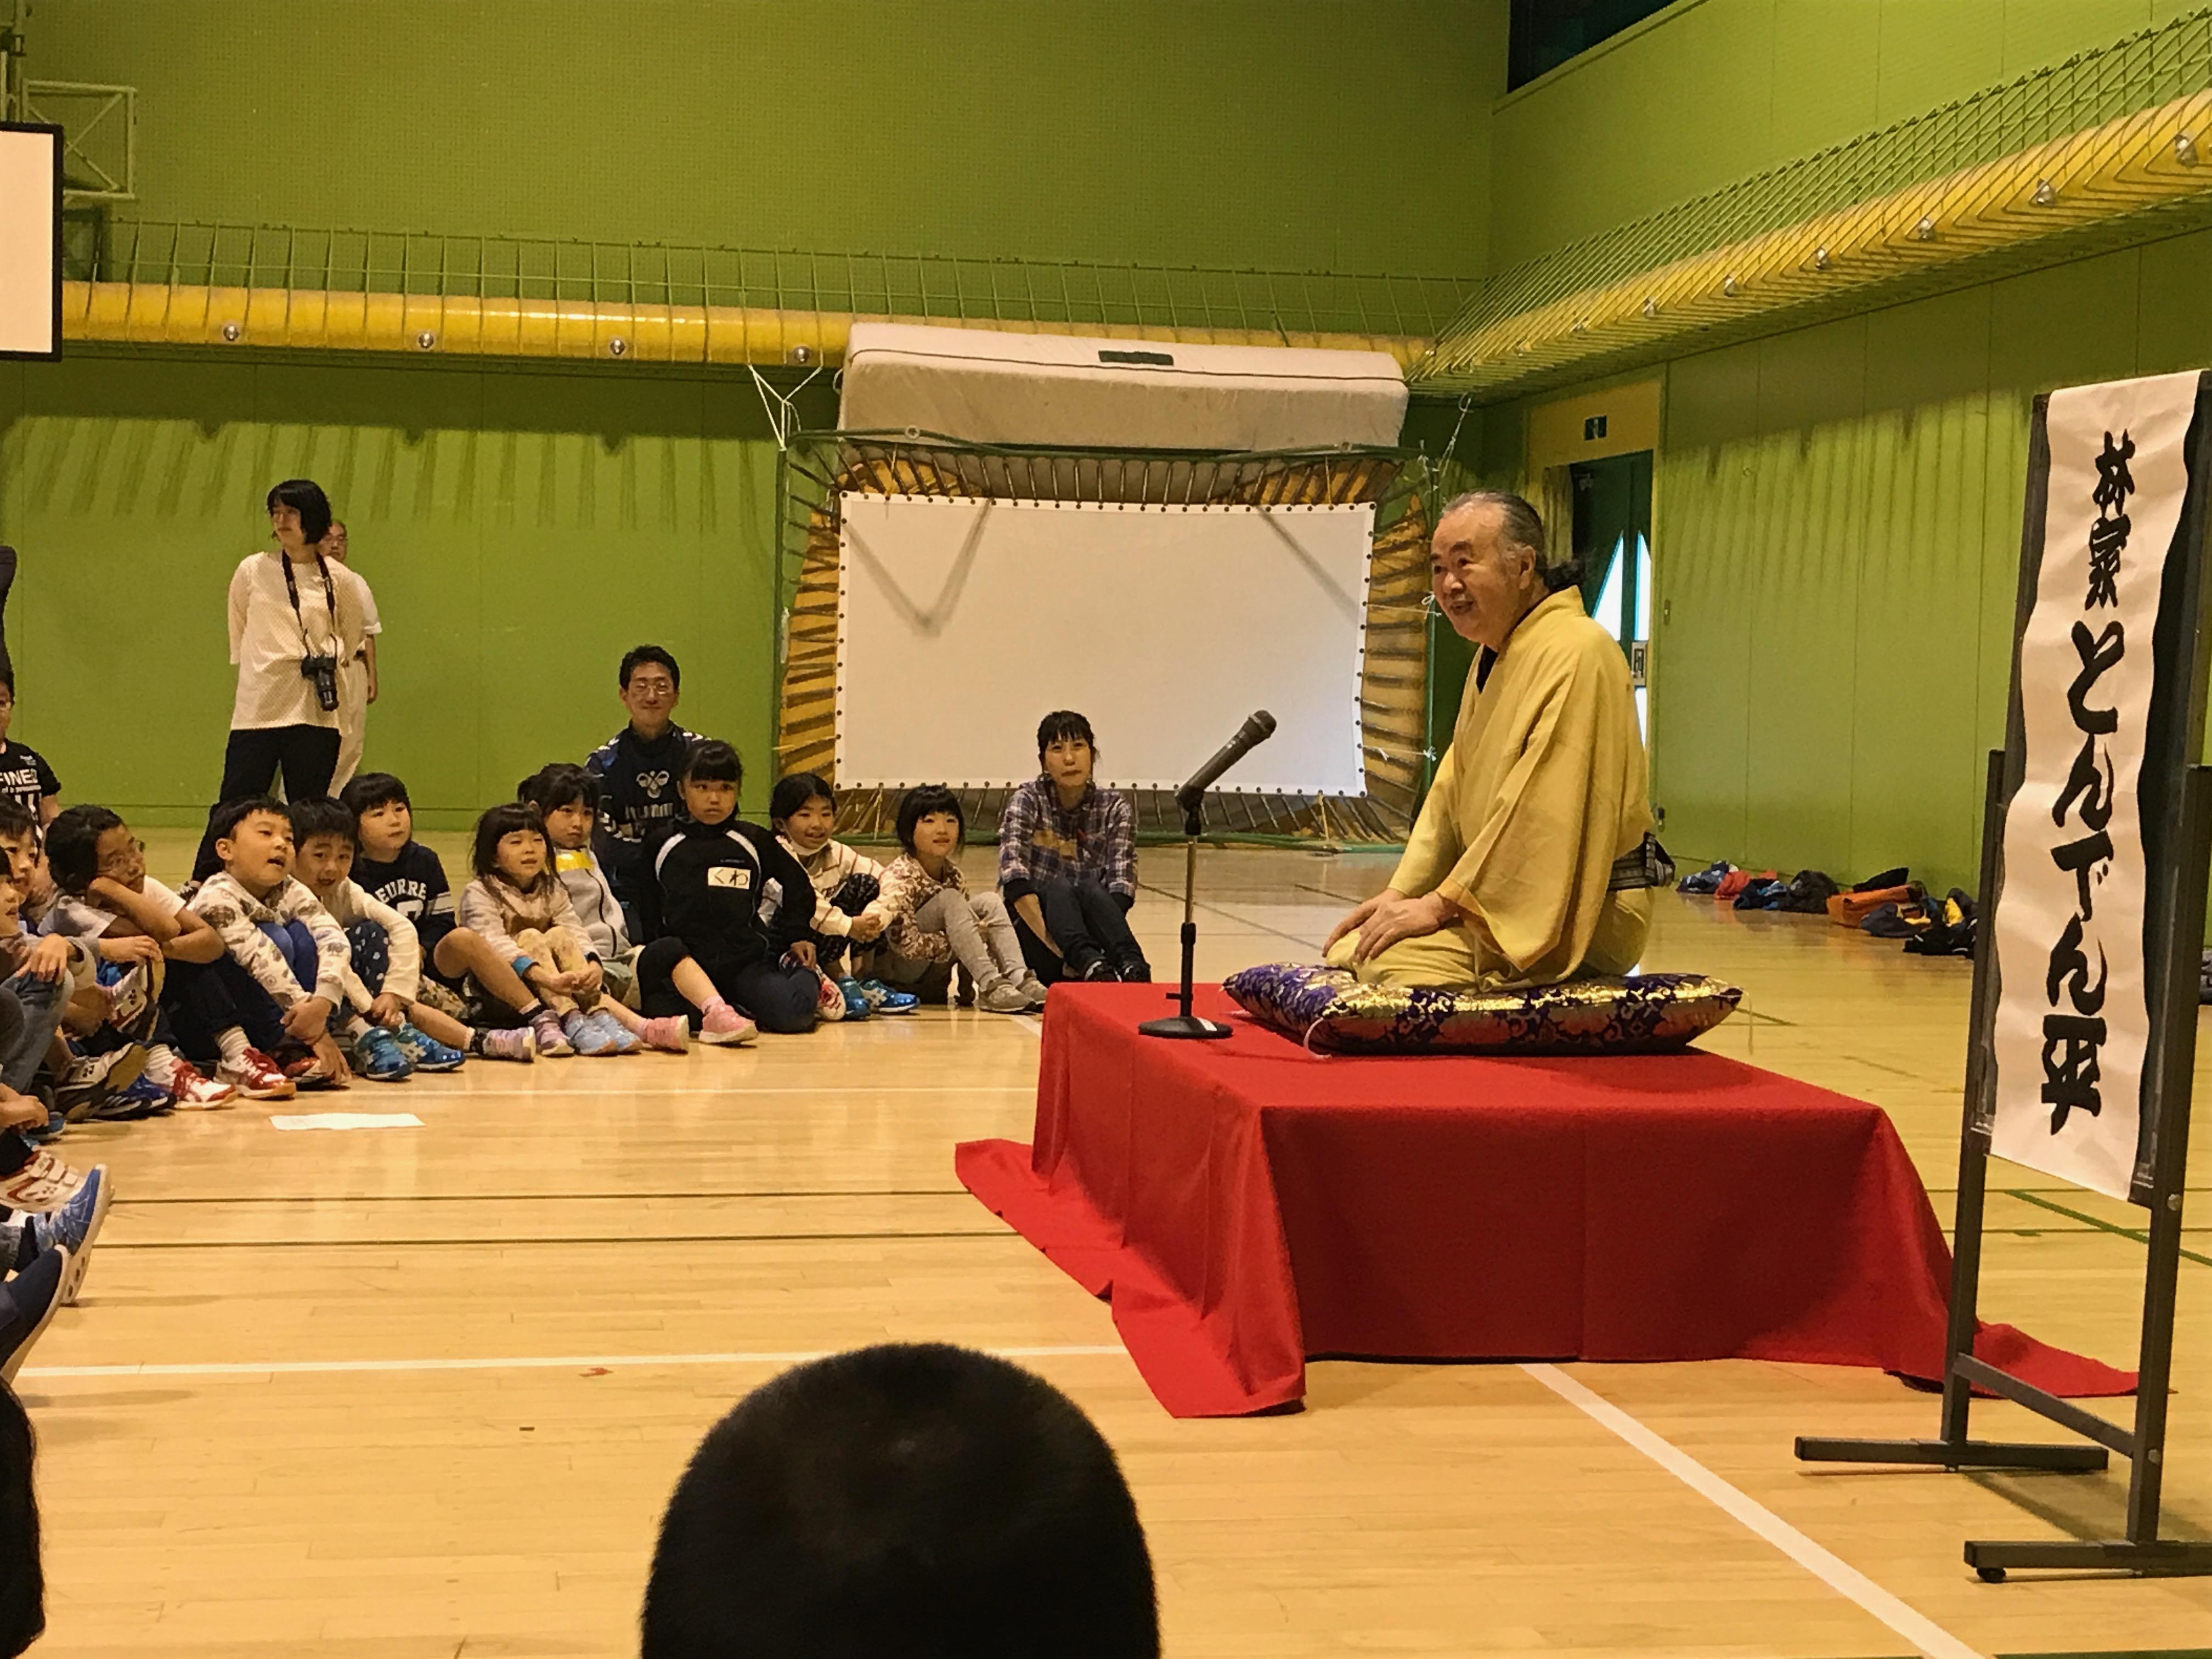 十勝の新得町富村牛小中学校落語家林家とんでん平師匠のどこでも落語寄席を開催させていただきました。